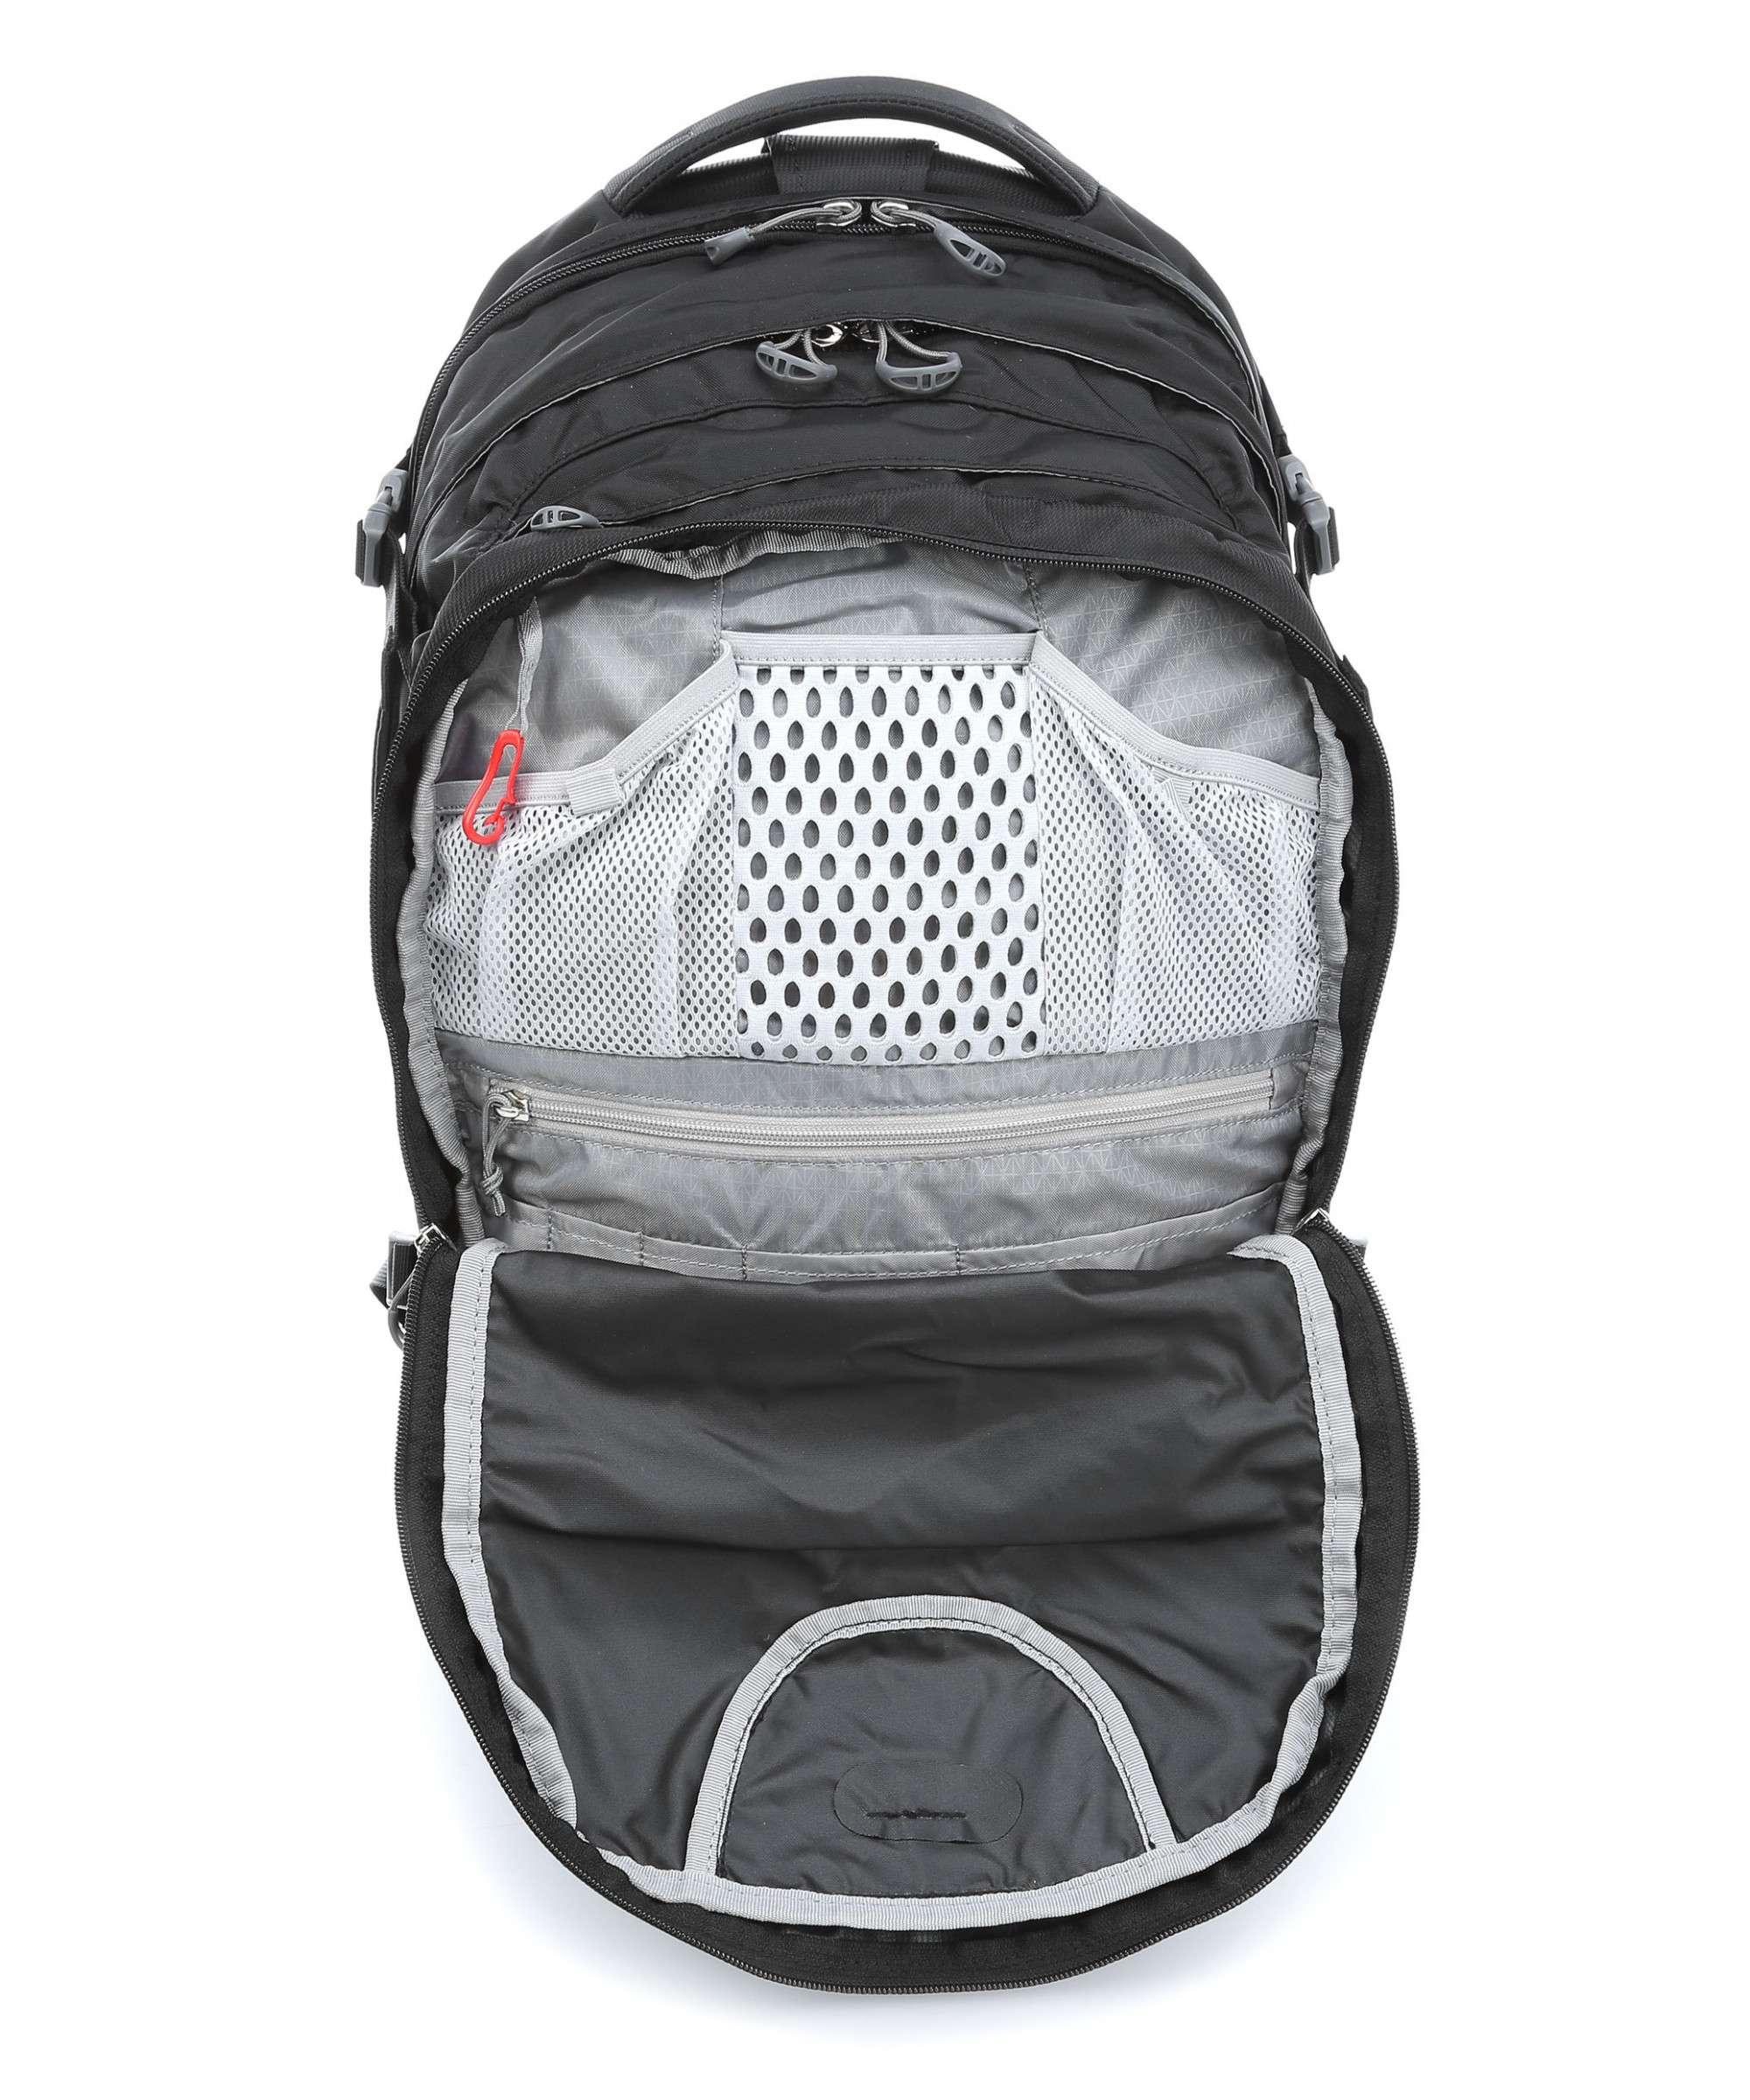 d10e139fdefb77 Городской рюкзак Osprey Nebula 34 Black - 2075-09 - Магазин одежды ...